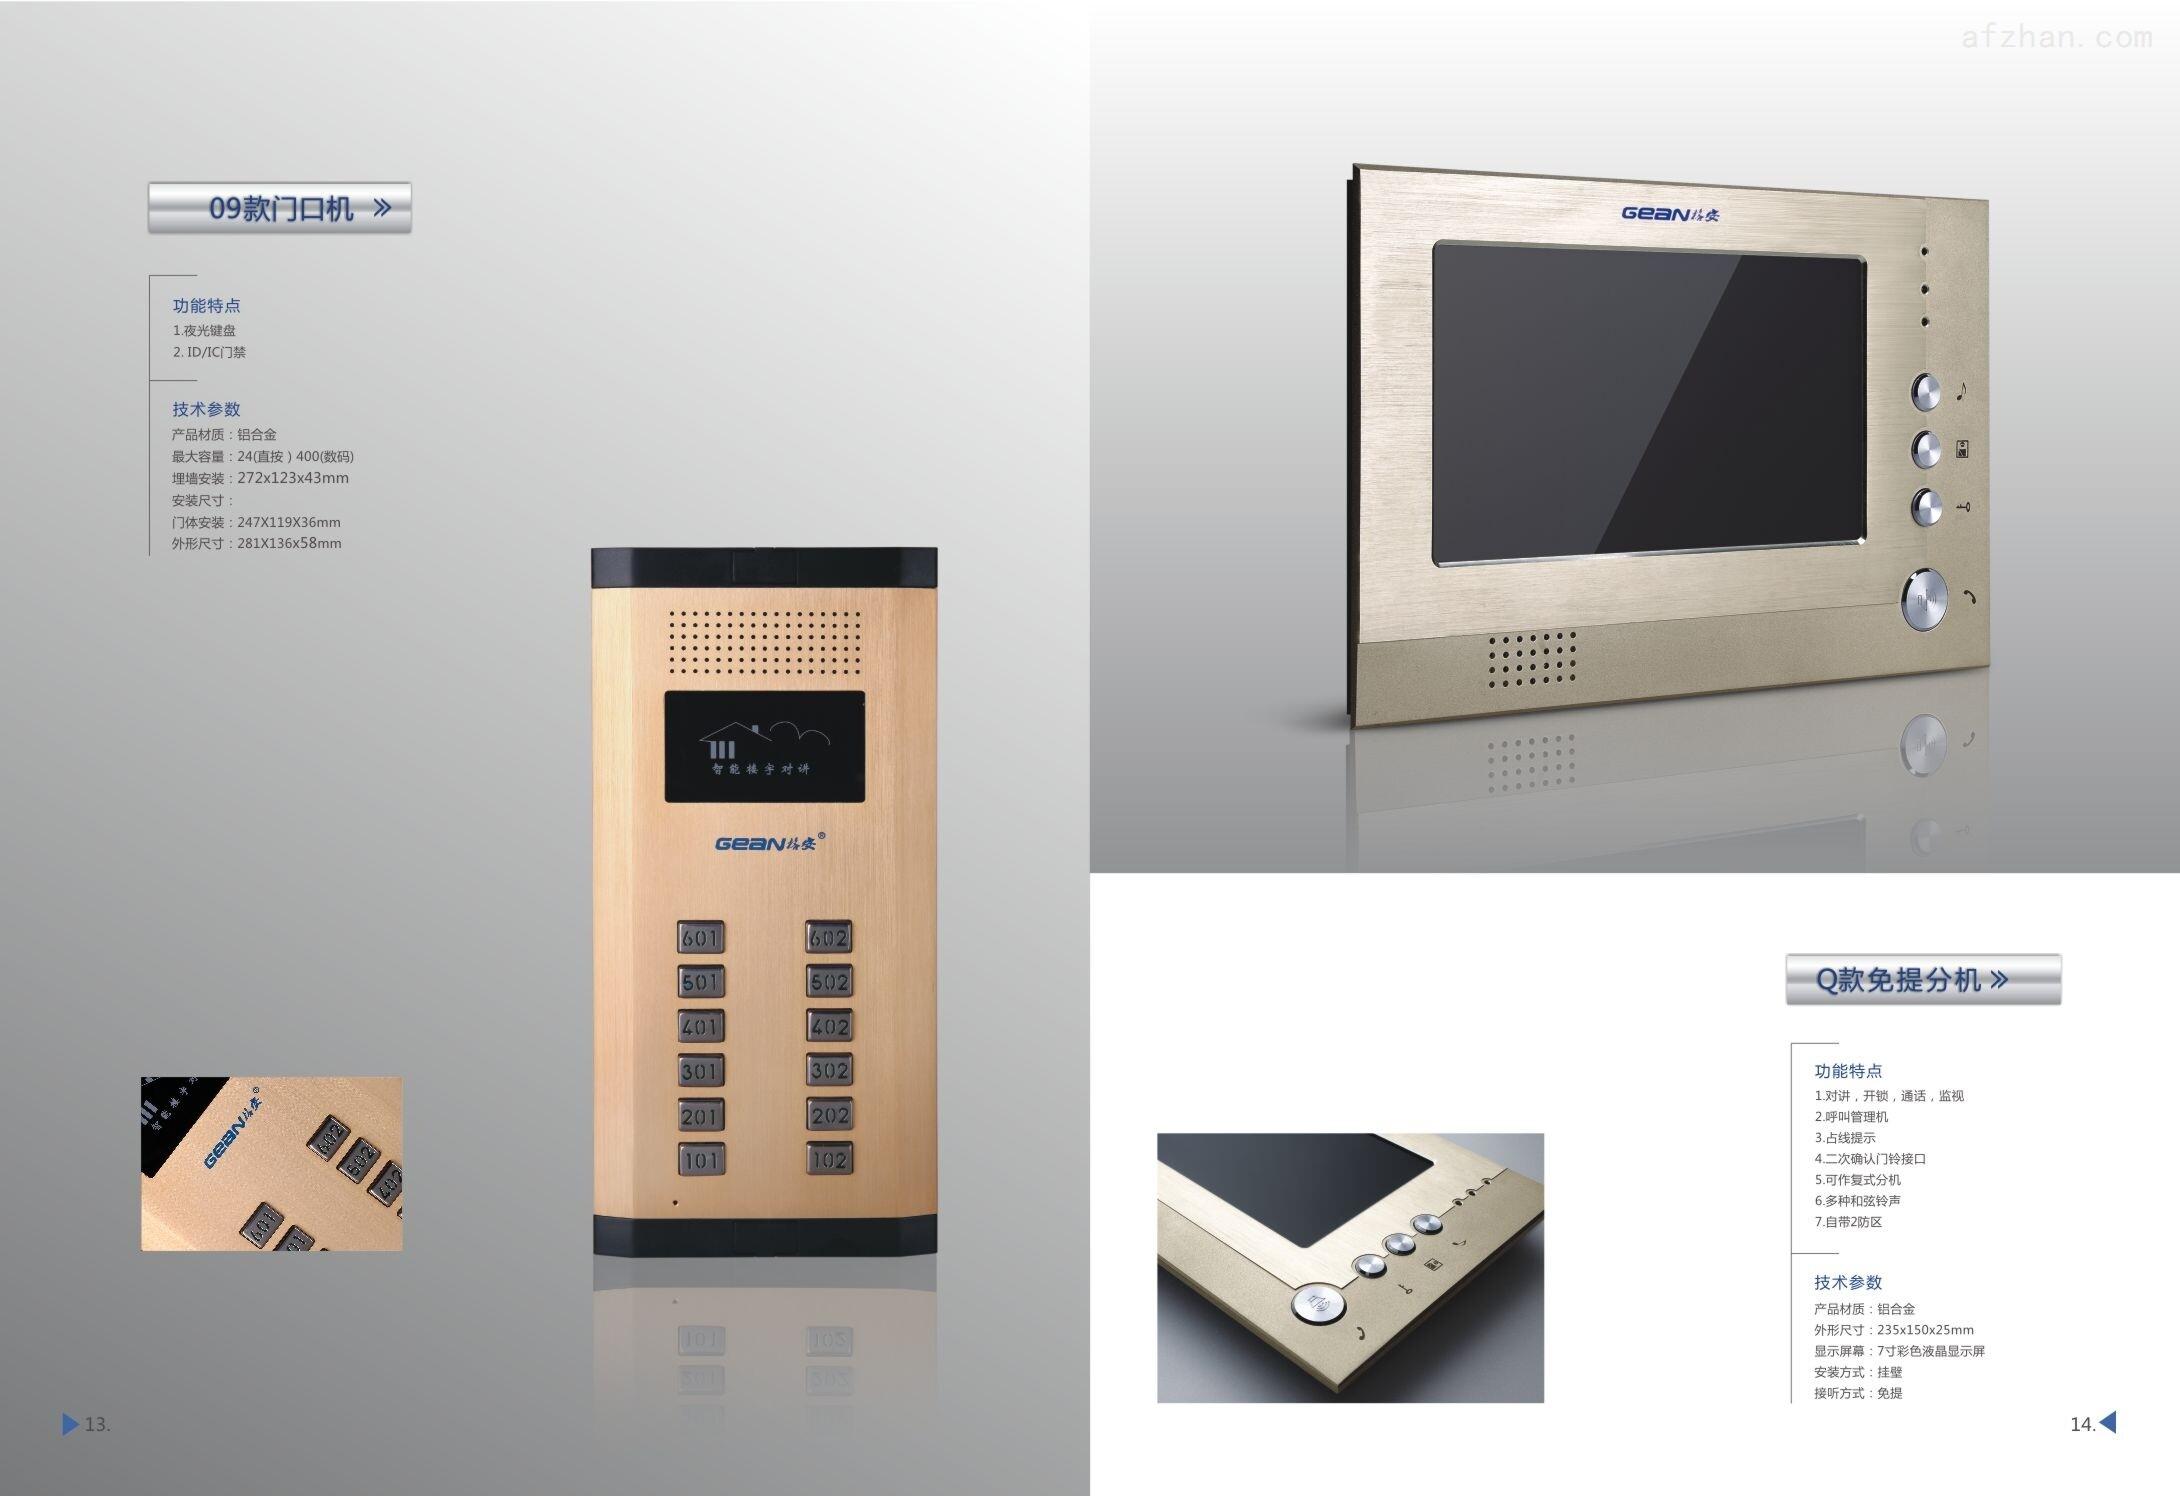 图像采用点对点技术传输,有效避免高层出现图像重影或模糊现象; 该系统可适用于大型智能可视联网小区,系统最大容量可带9999户分机,99幢,每幢9单元,9台围墙机,一台管理机,约89901009户;联网采用RS485通讯;抗干扰能力强,工作稳定; 主机/分机/围墙机/管理机,任意两方都可以实现通话; 分机具有紧急求助功能; 主机摄像头采用逆光补偿功能,有效避免强光下出现图像异常,变形,同时,摄像头采用待机失电电路保护控制,有效保护摄像头,以达到延长产品寿命的目的; 短路隔离保护,每户分机均采用户户故障隔离,